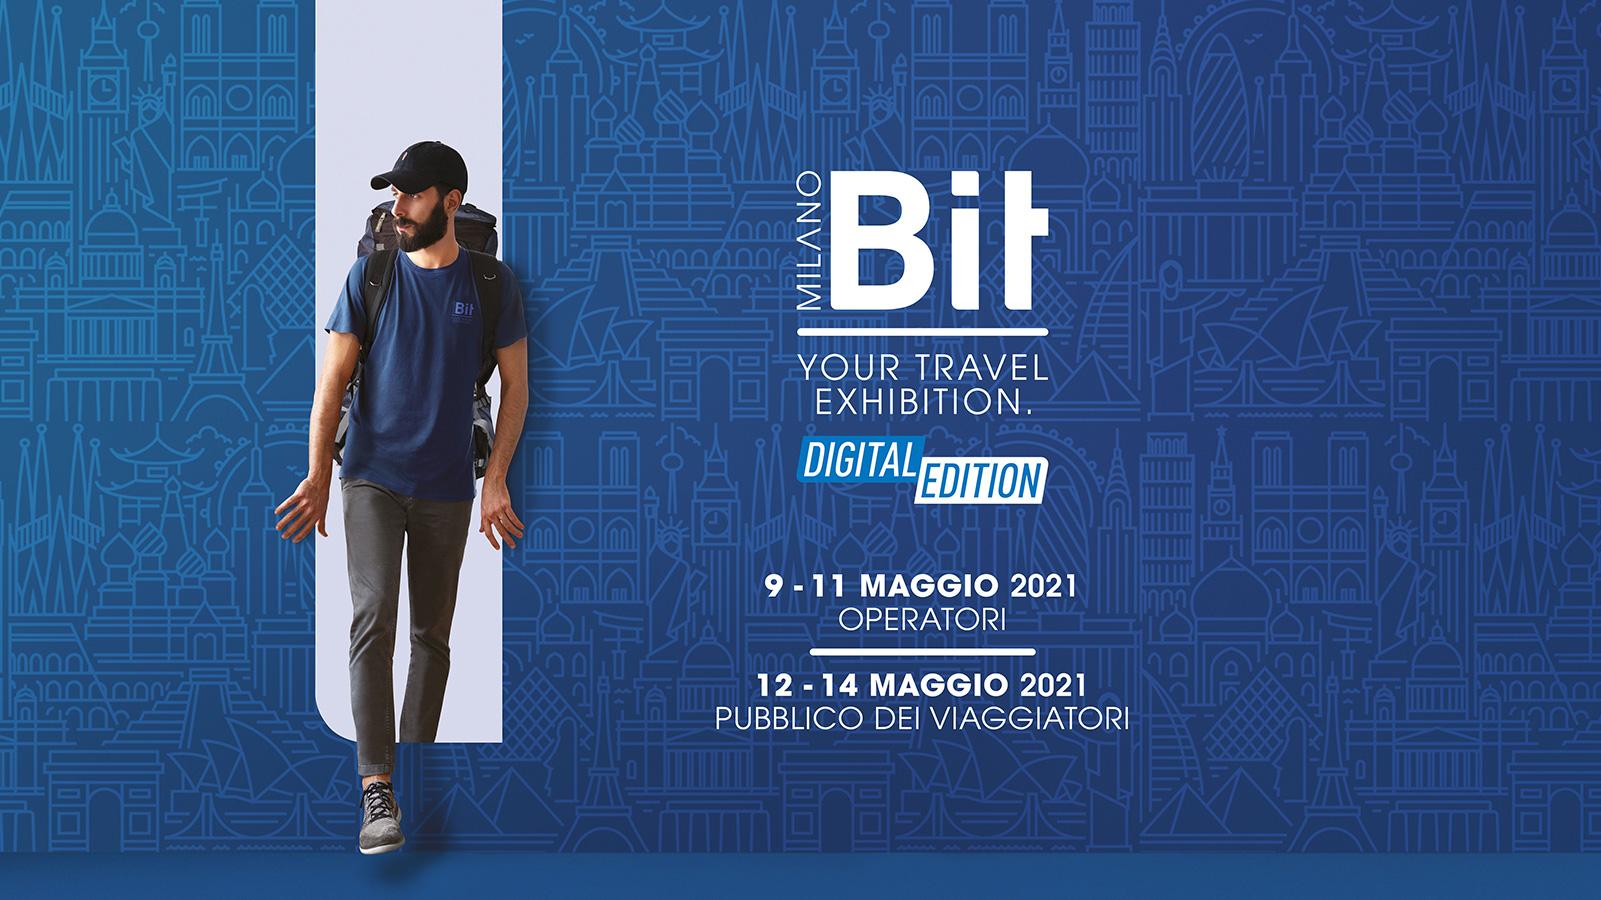 Il Consorzio Oltrepò mantovano al BIT Digital Edition 2021